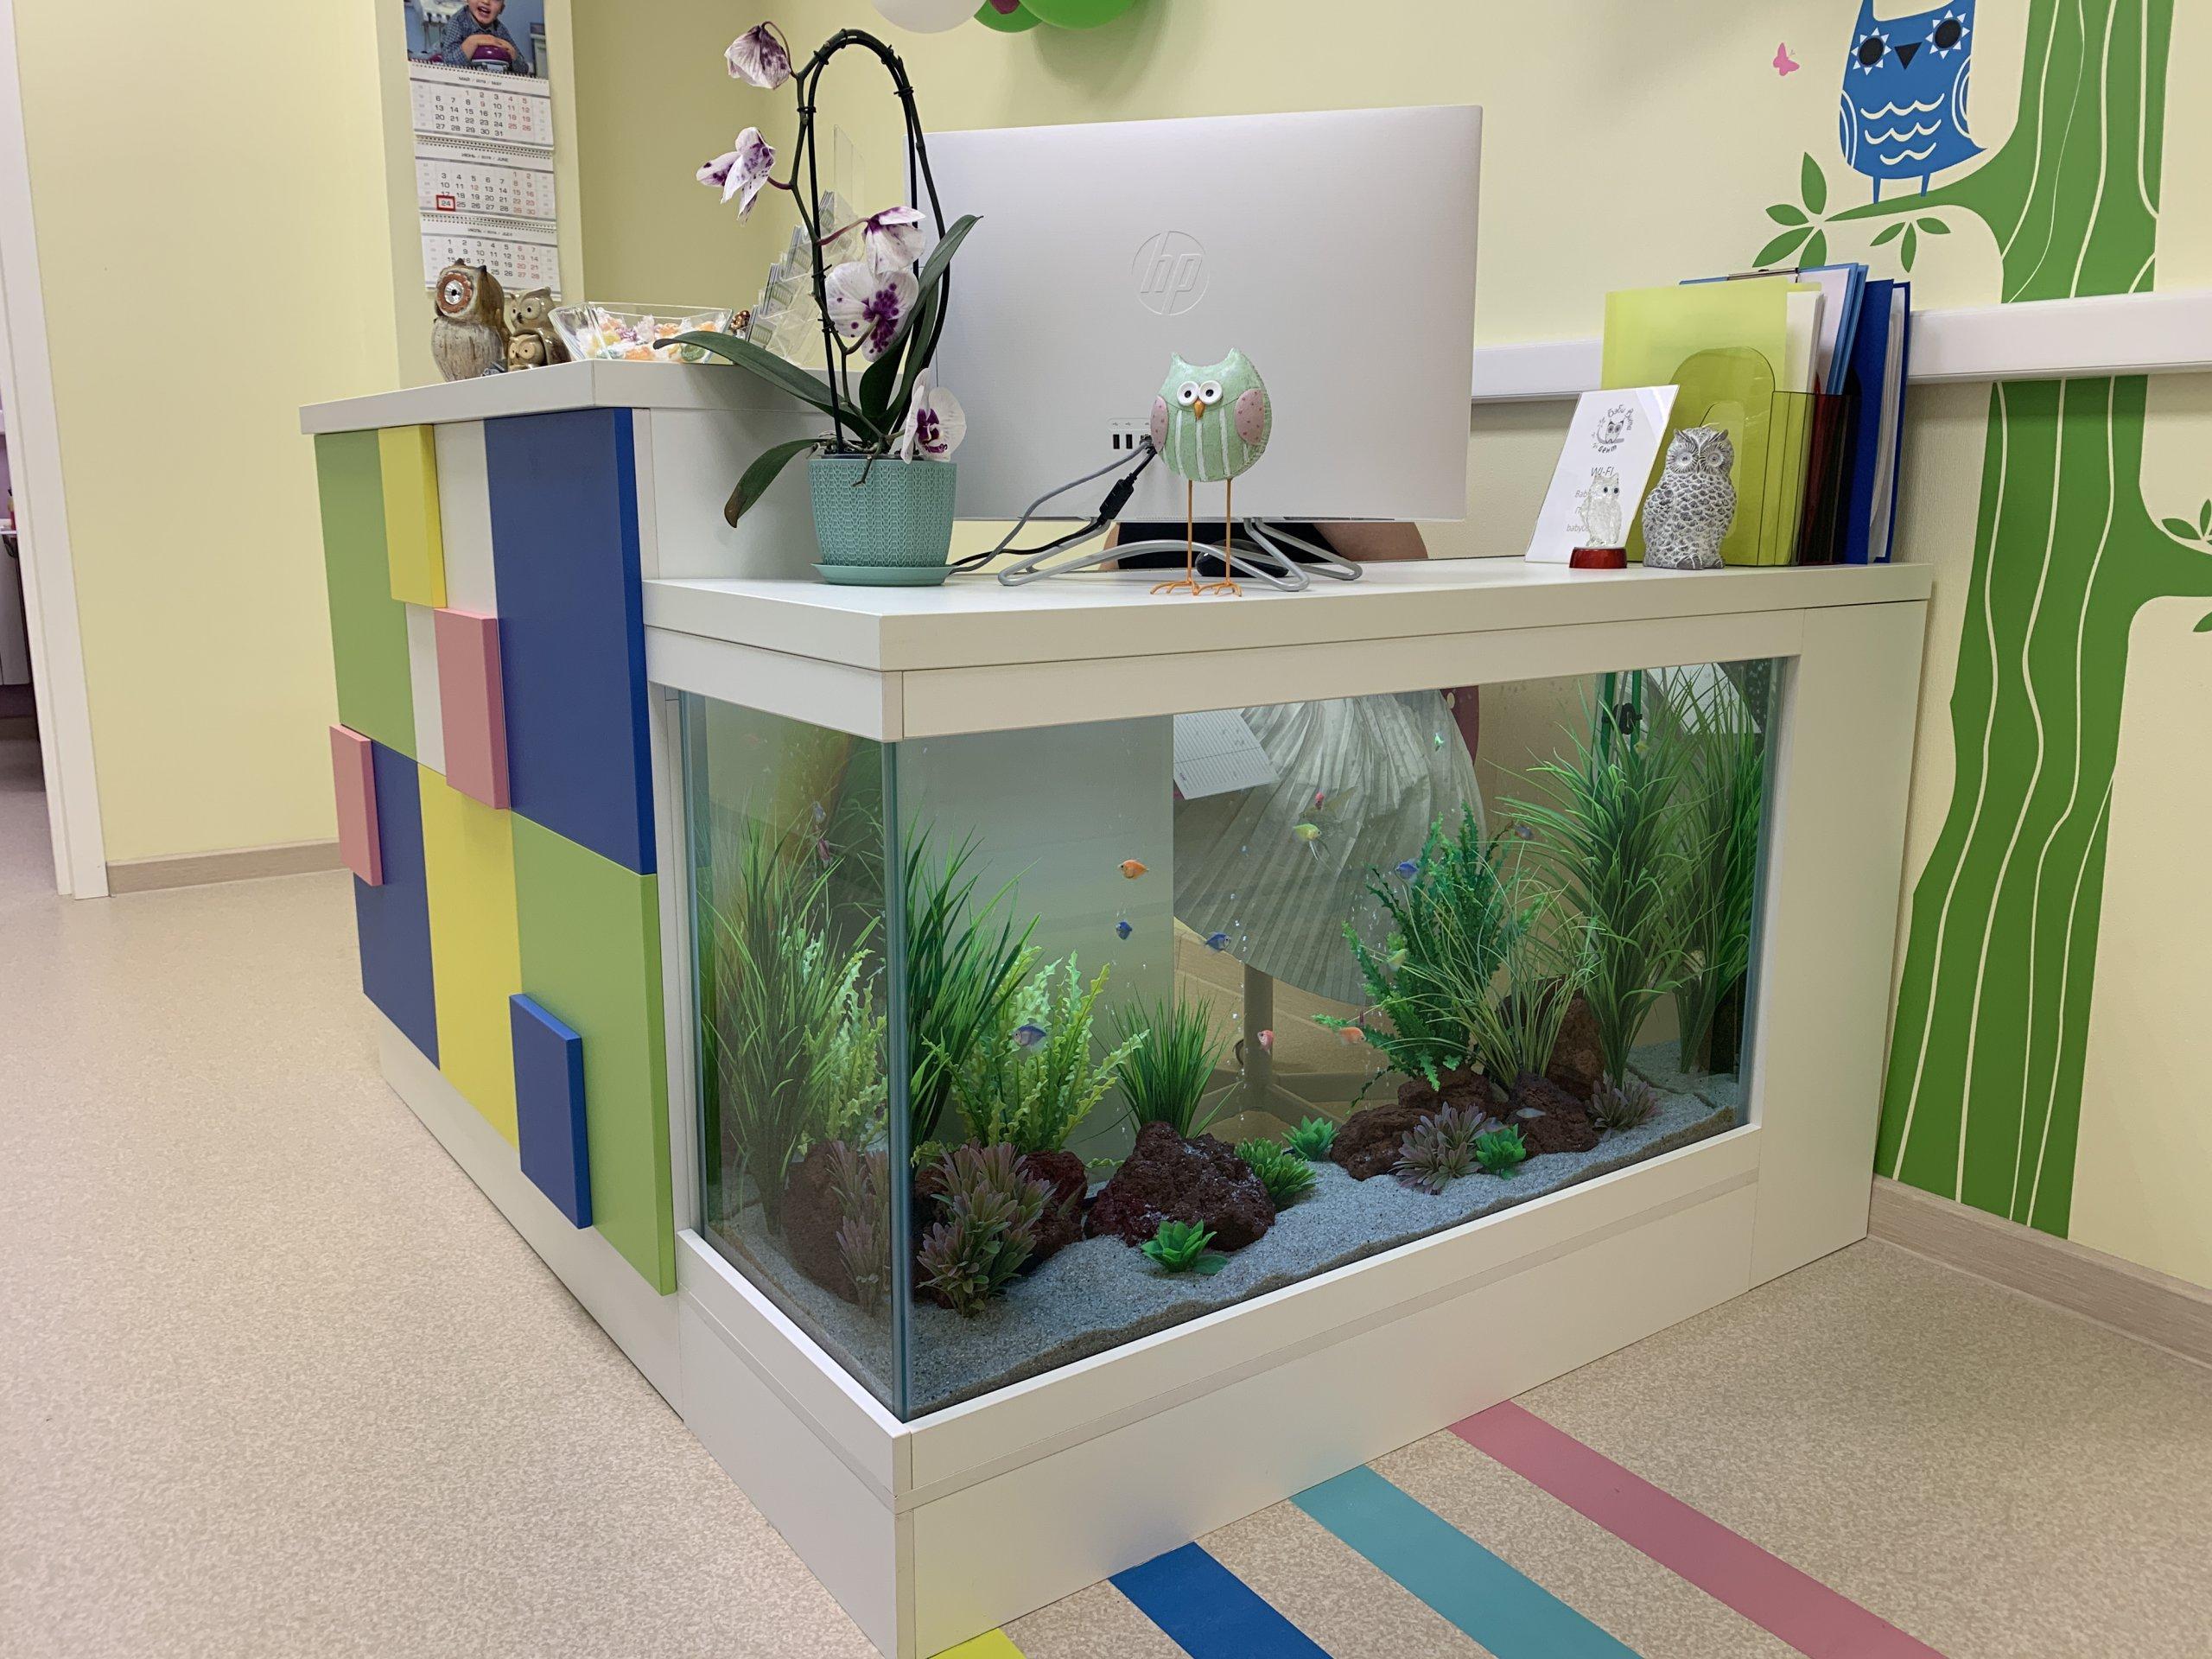 Ресепшн для детской стоматологии со встроенным аквариумом